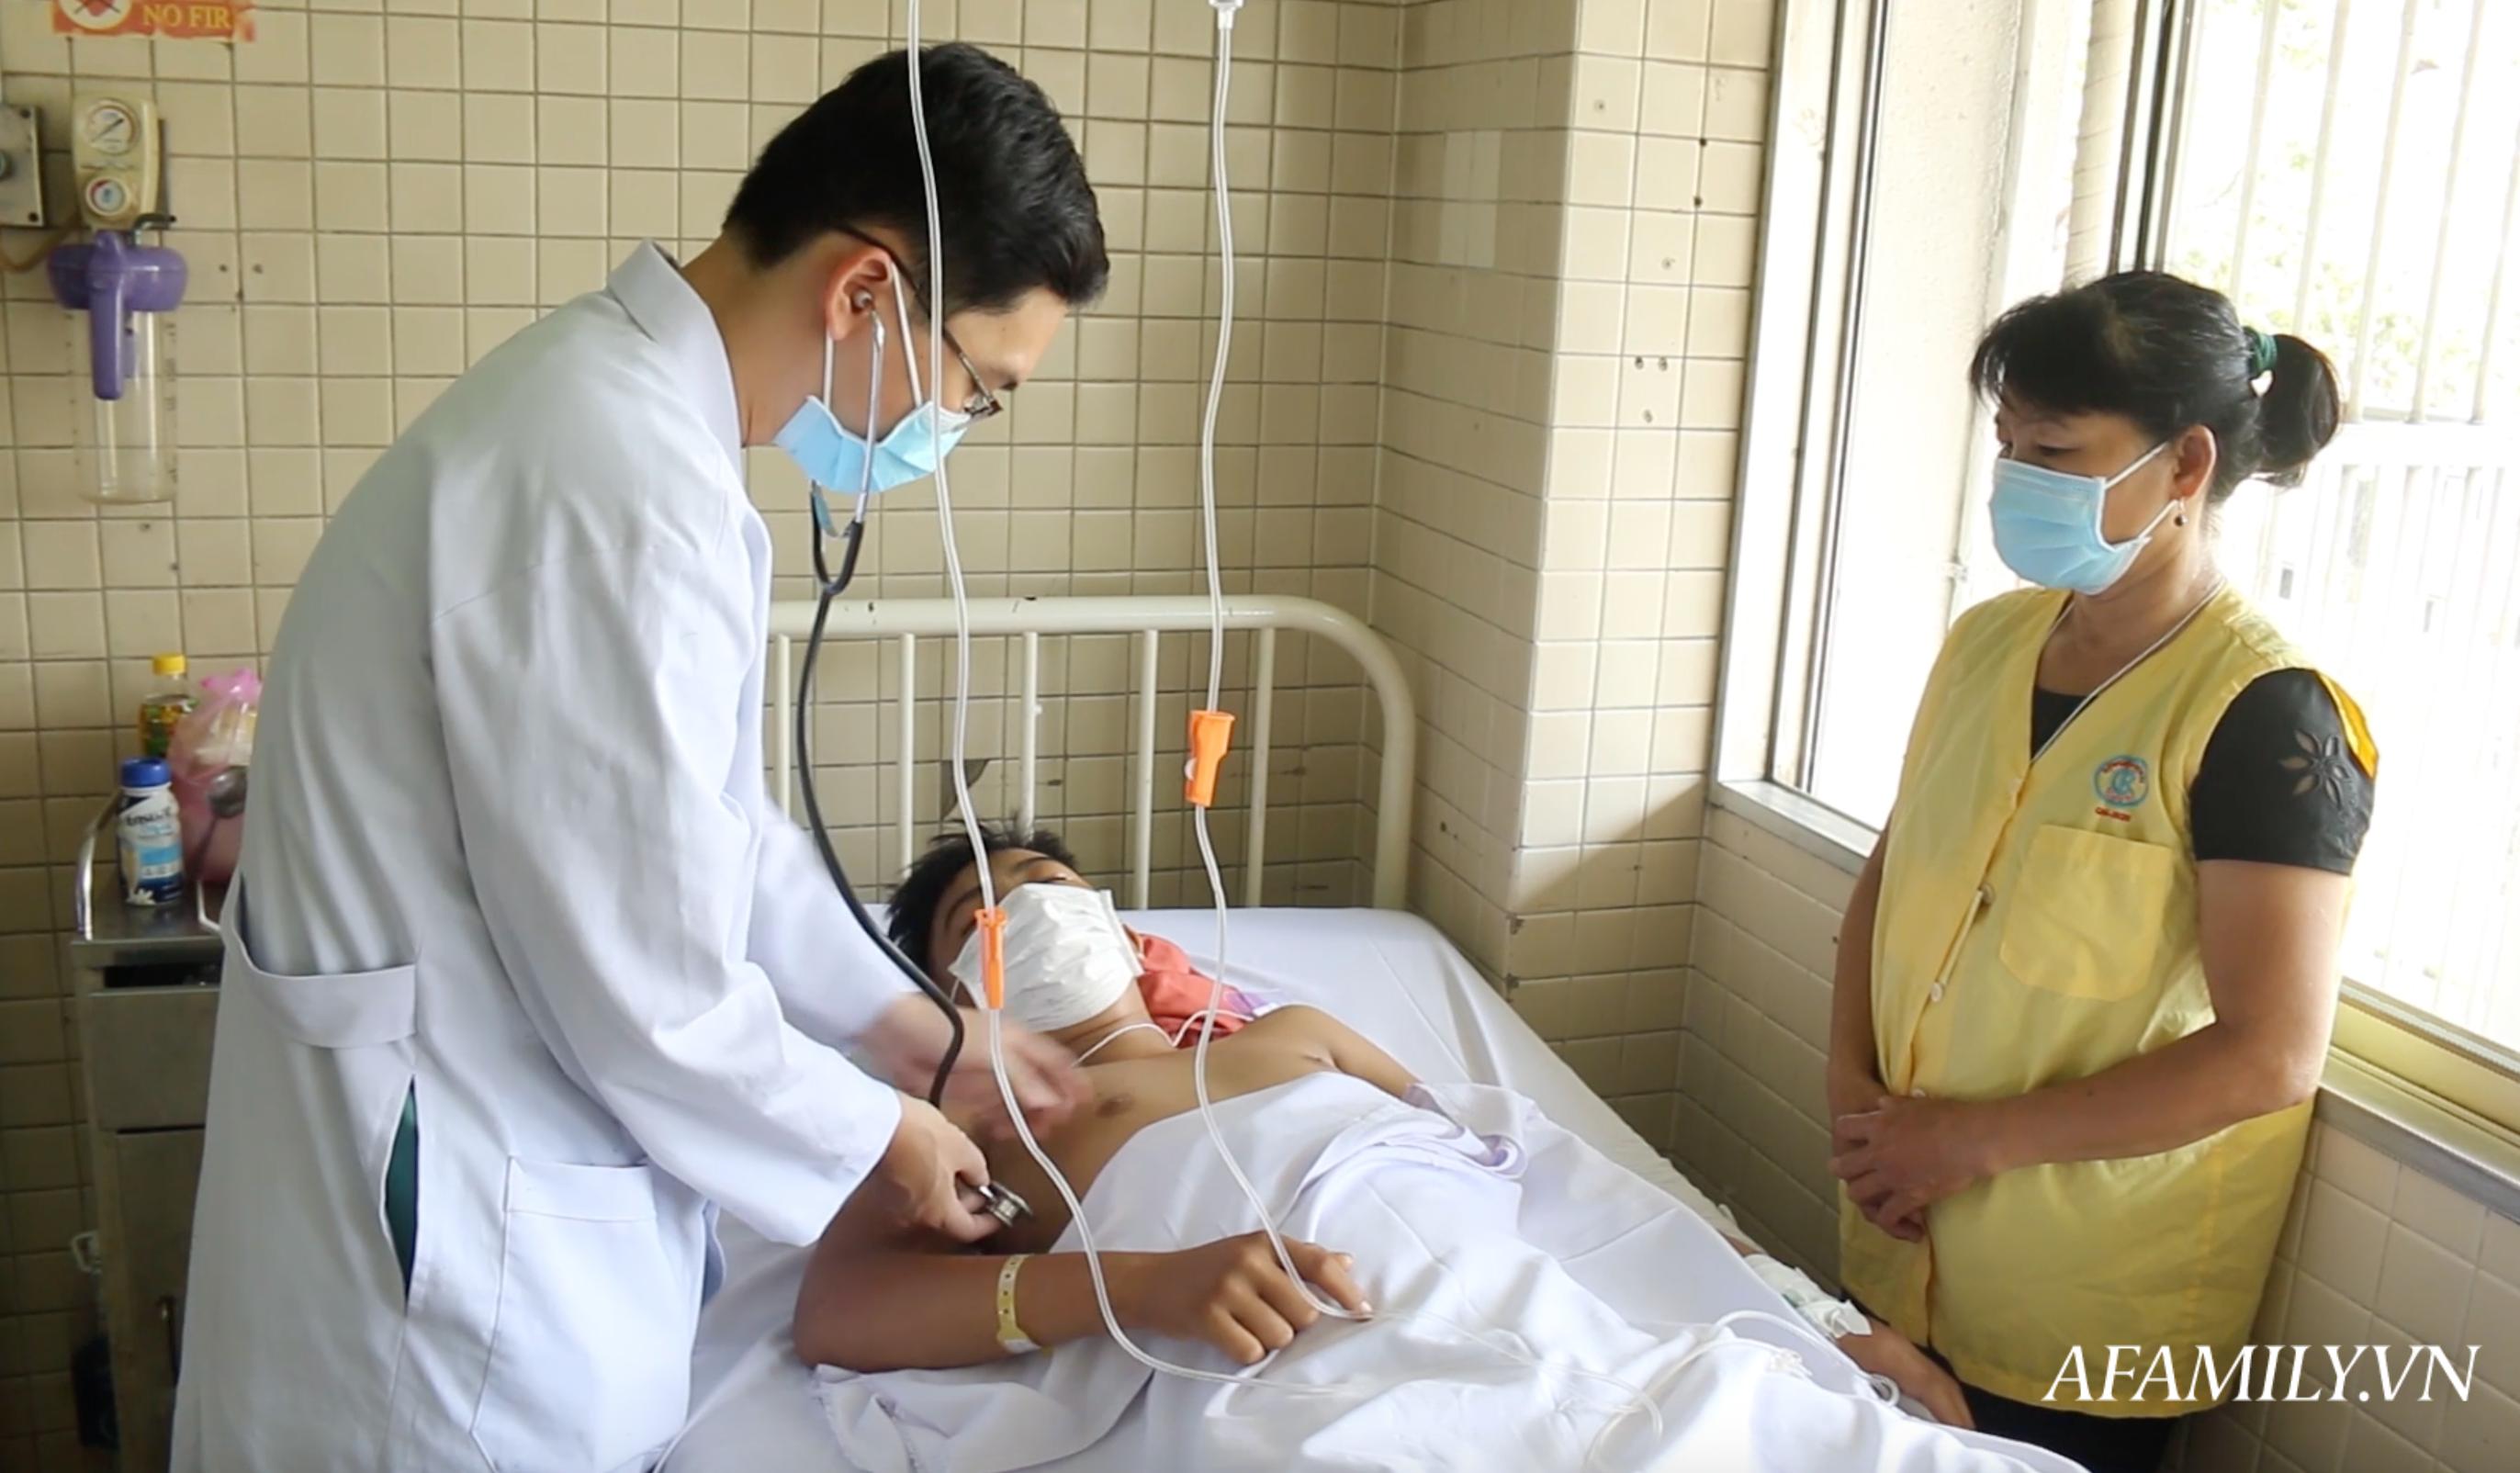 Kinh hoàng lời kể của mẹ thiếu niên bị chém đứt lìa chân phải sau vụ hỗn chiến ở Tây Ninh: Đạp thắng xe mới biết mất chân - Ảnh 1.